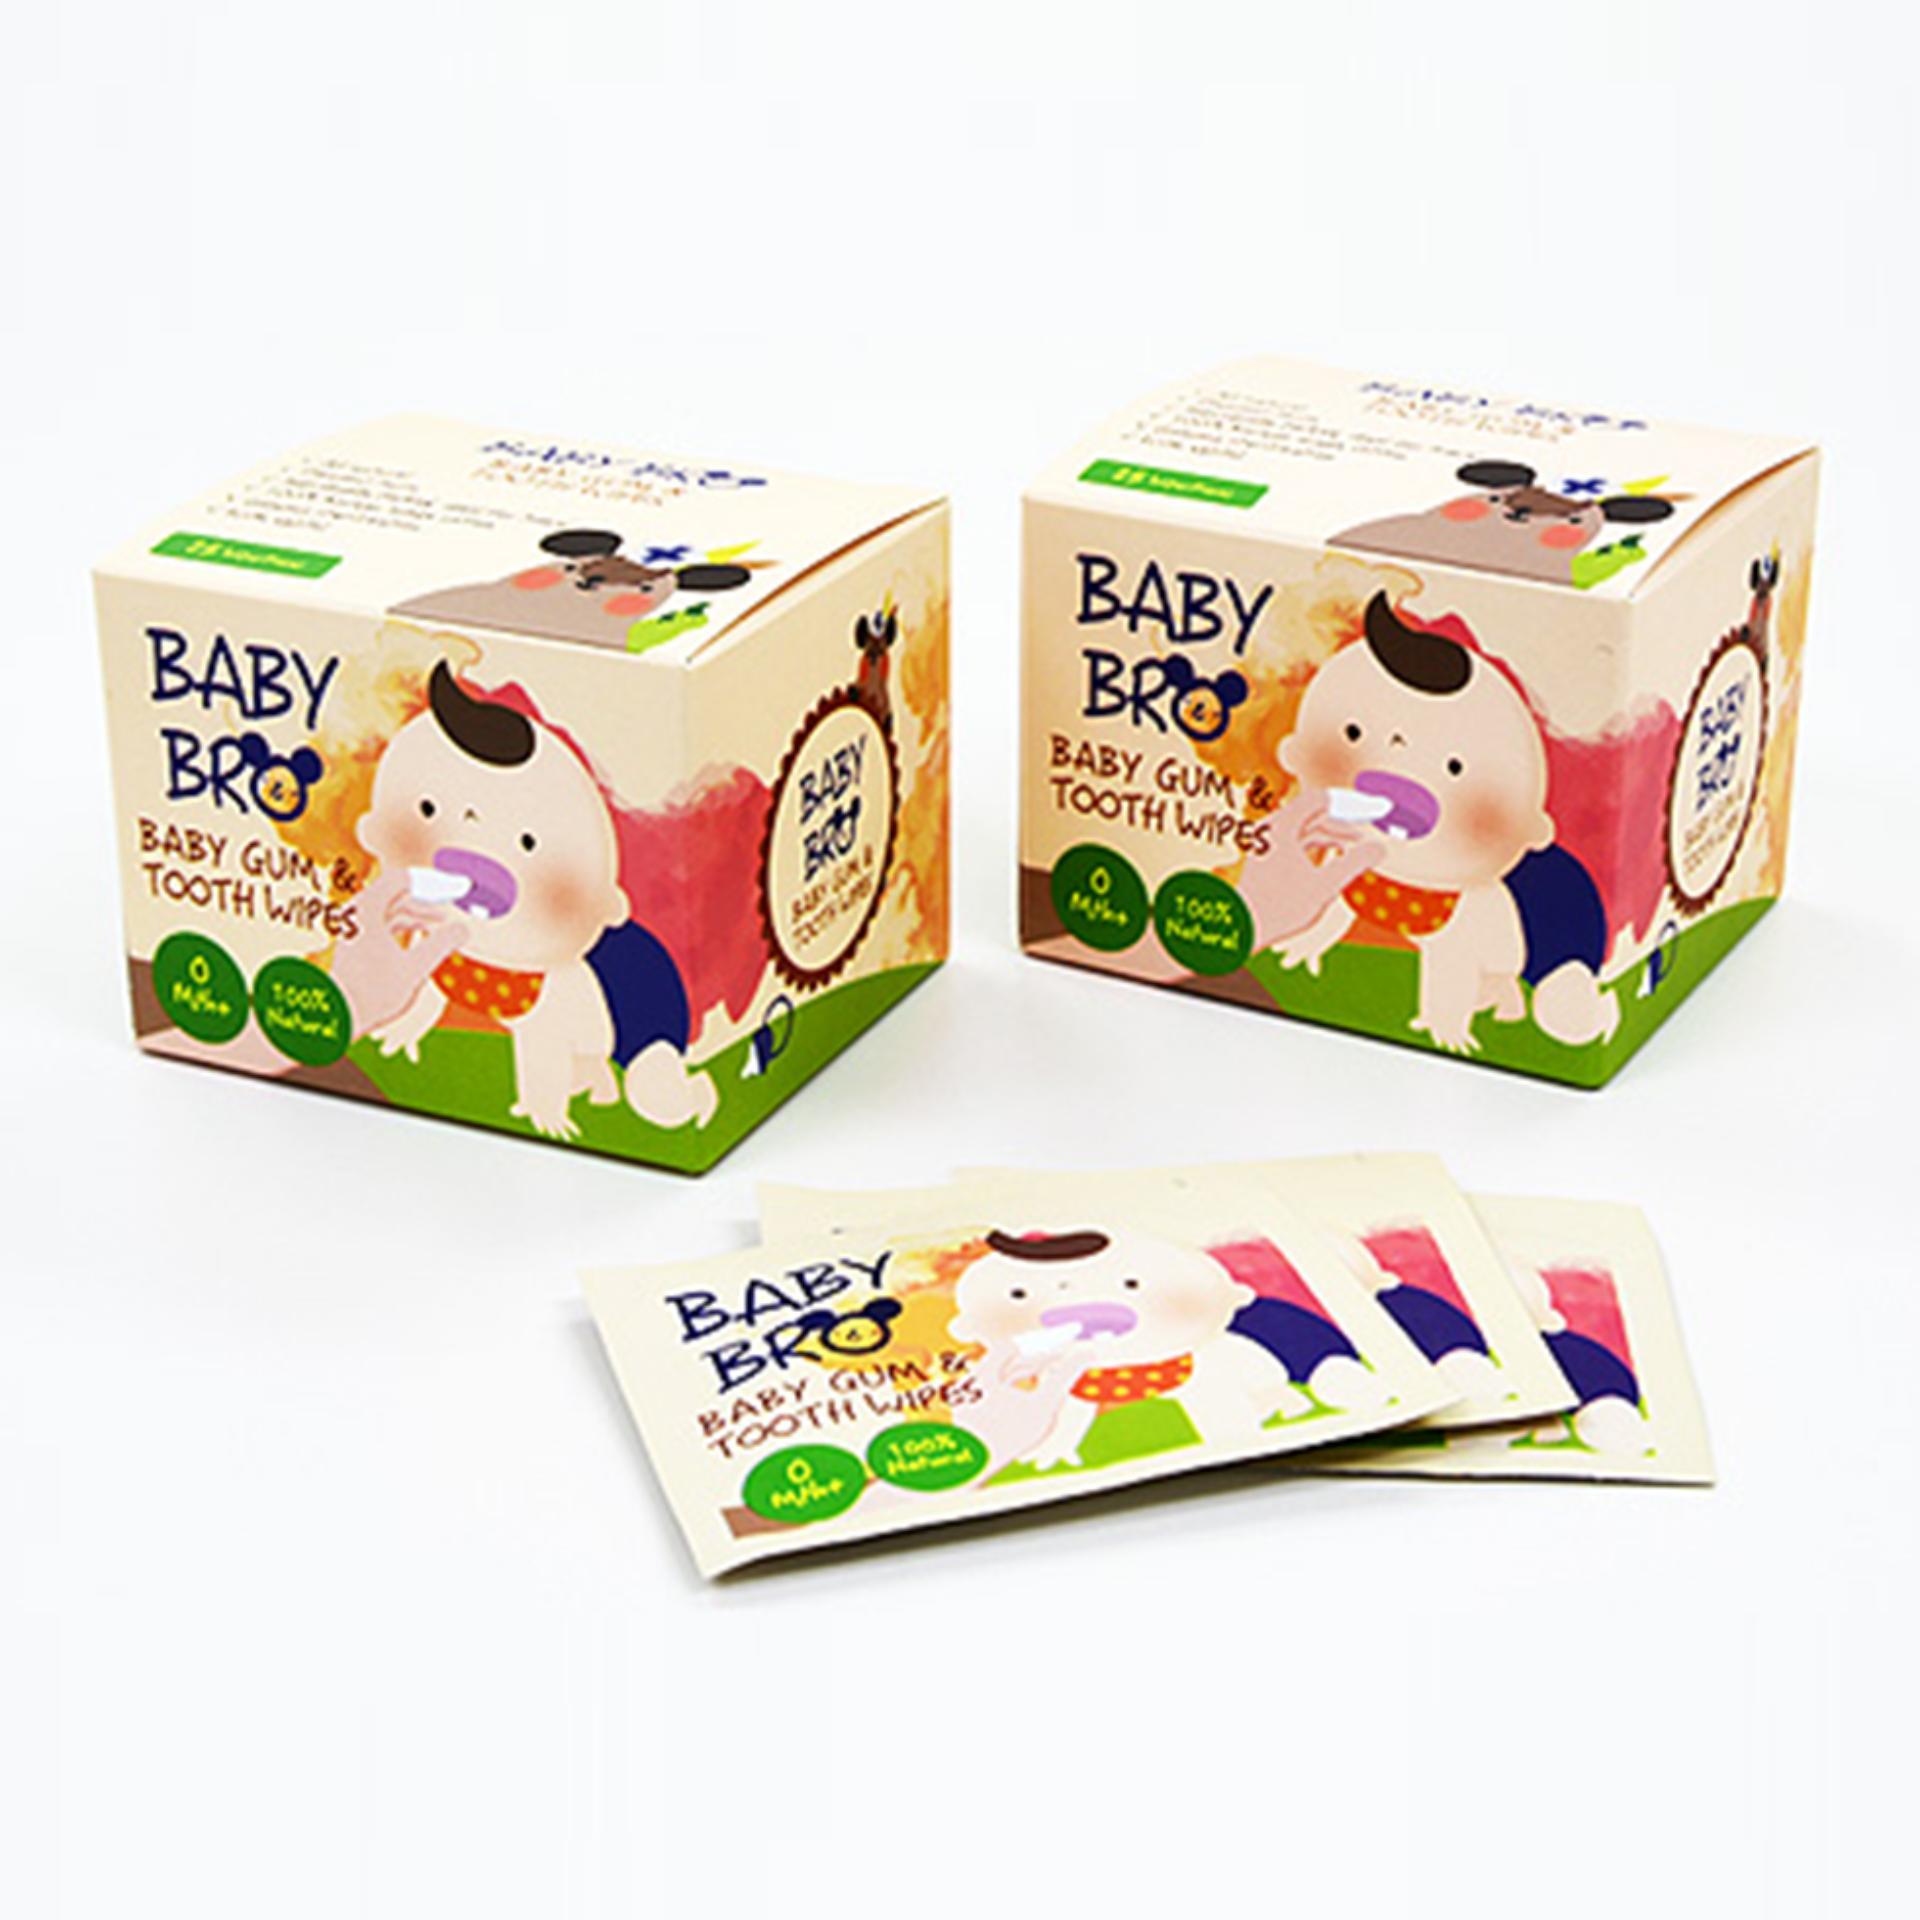 Gạc vệ sinh răng miệng trẻ em BaBy Bro (hộp 25 miếng).